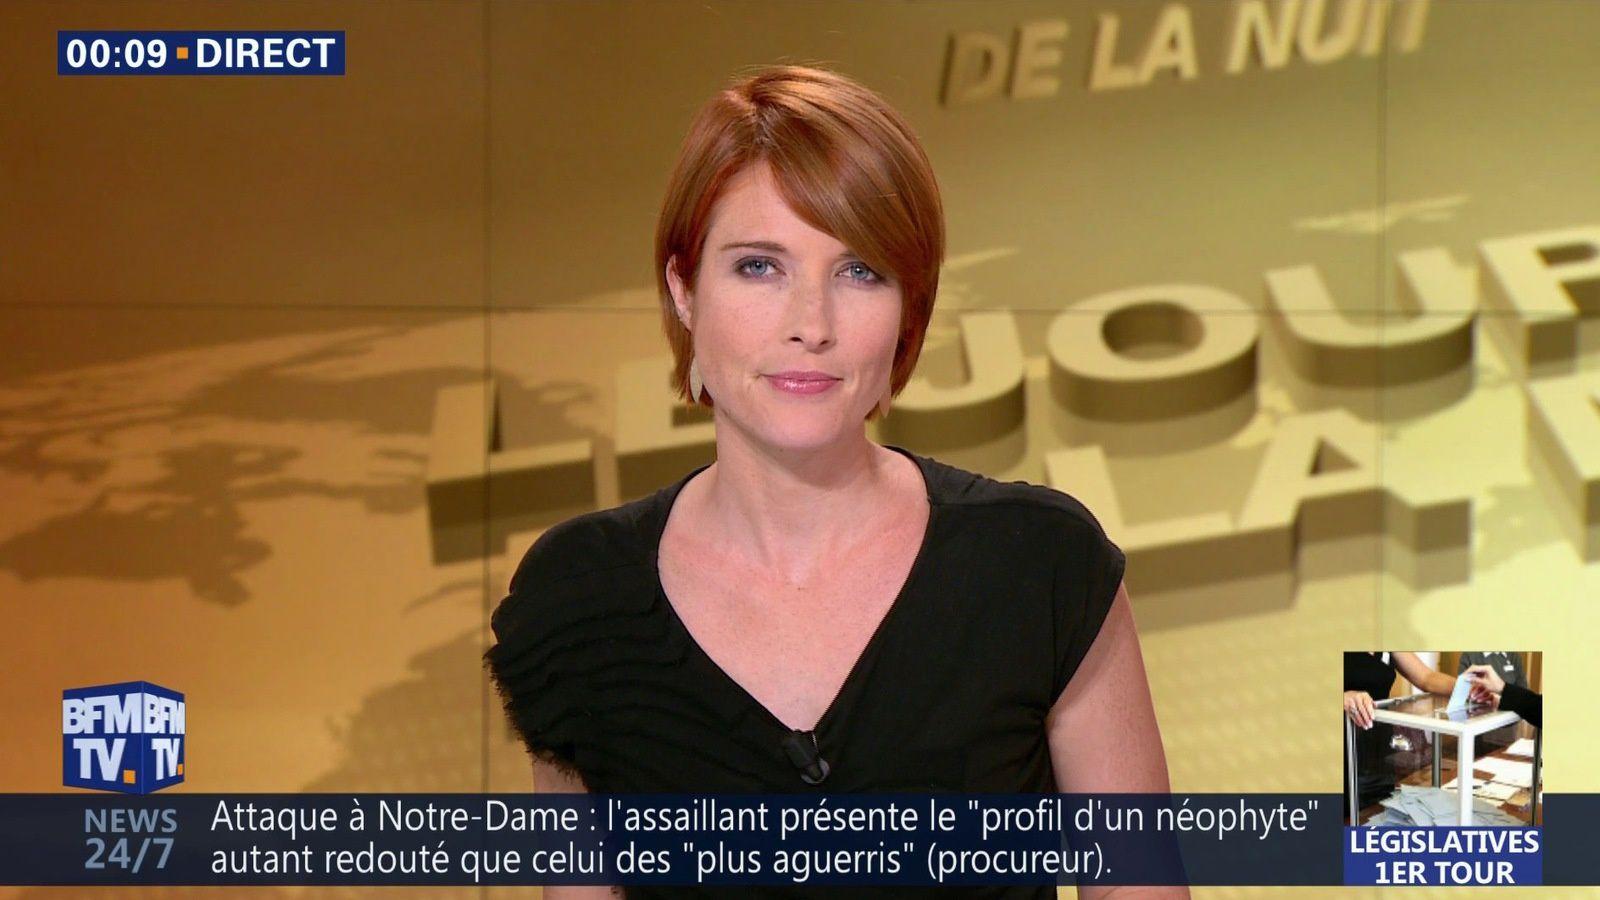 📸11 LUCIE NUTTIN @LucieNuttin @JohannaCarlosD8 pour LE JOURNAL DE LA NUIT cette nuit @bfmtv #vuesalatele